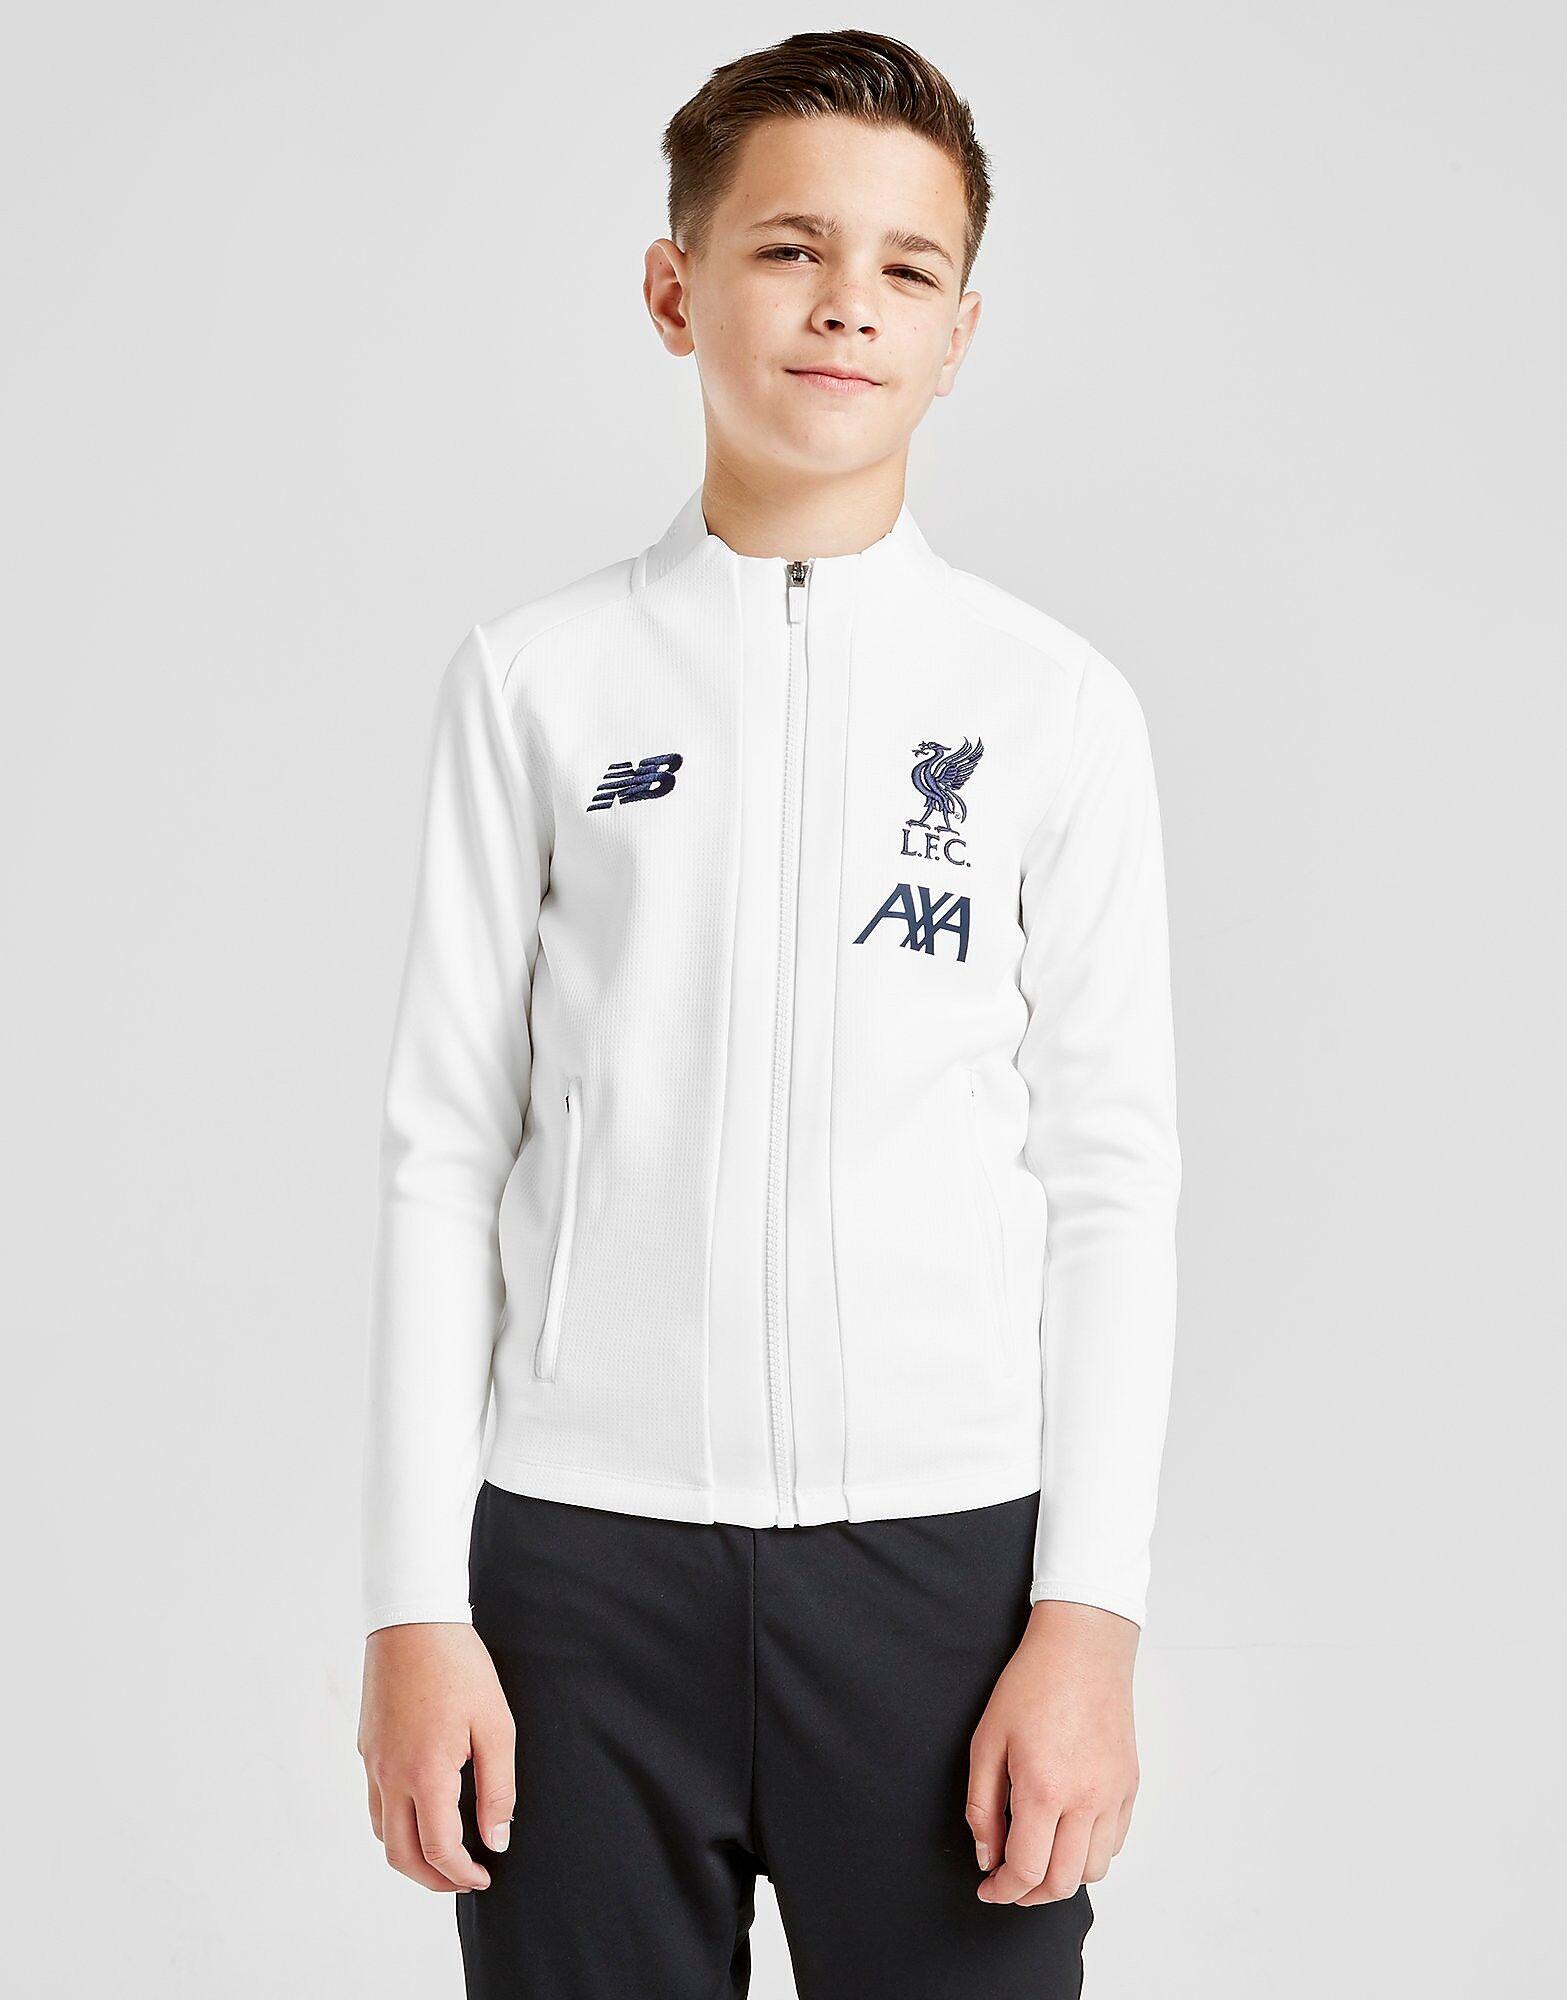 Image of New Balance Liverpool FC Takki Juniorit - Kids, Valkoinen